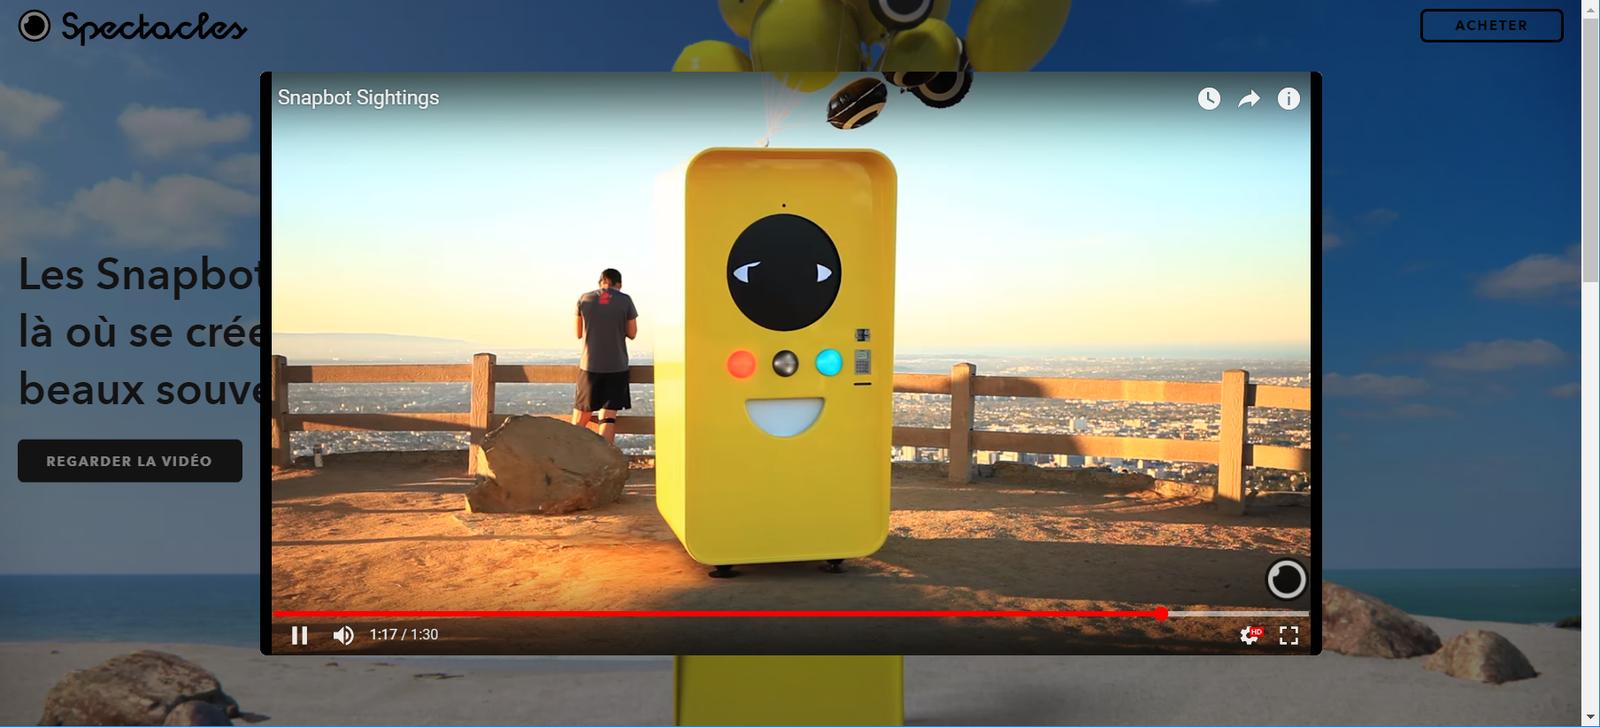 Les lunettes connectées Snapchat Spectacles en partenariat avec Unibail Rodamco ! Vu à Velizy II.